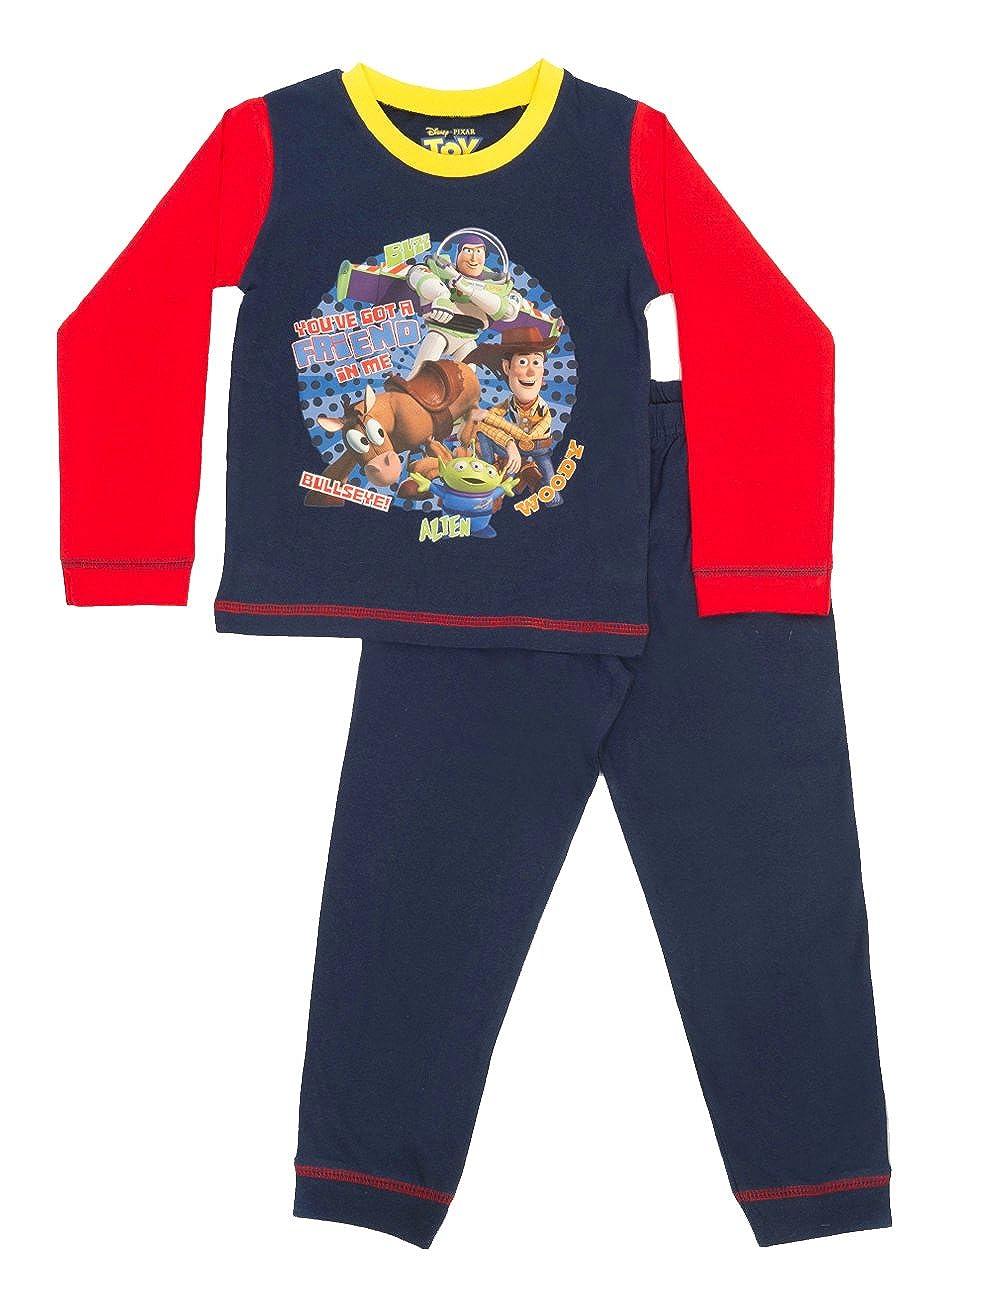 b2da019e26 Toy Story Boys Pyjamas Red